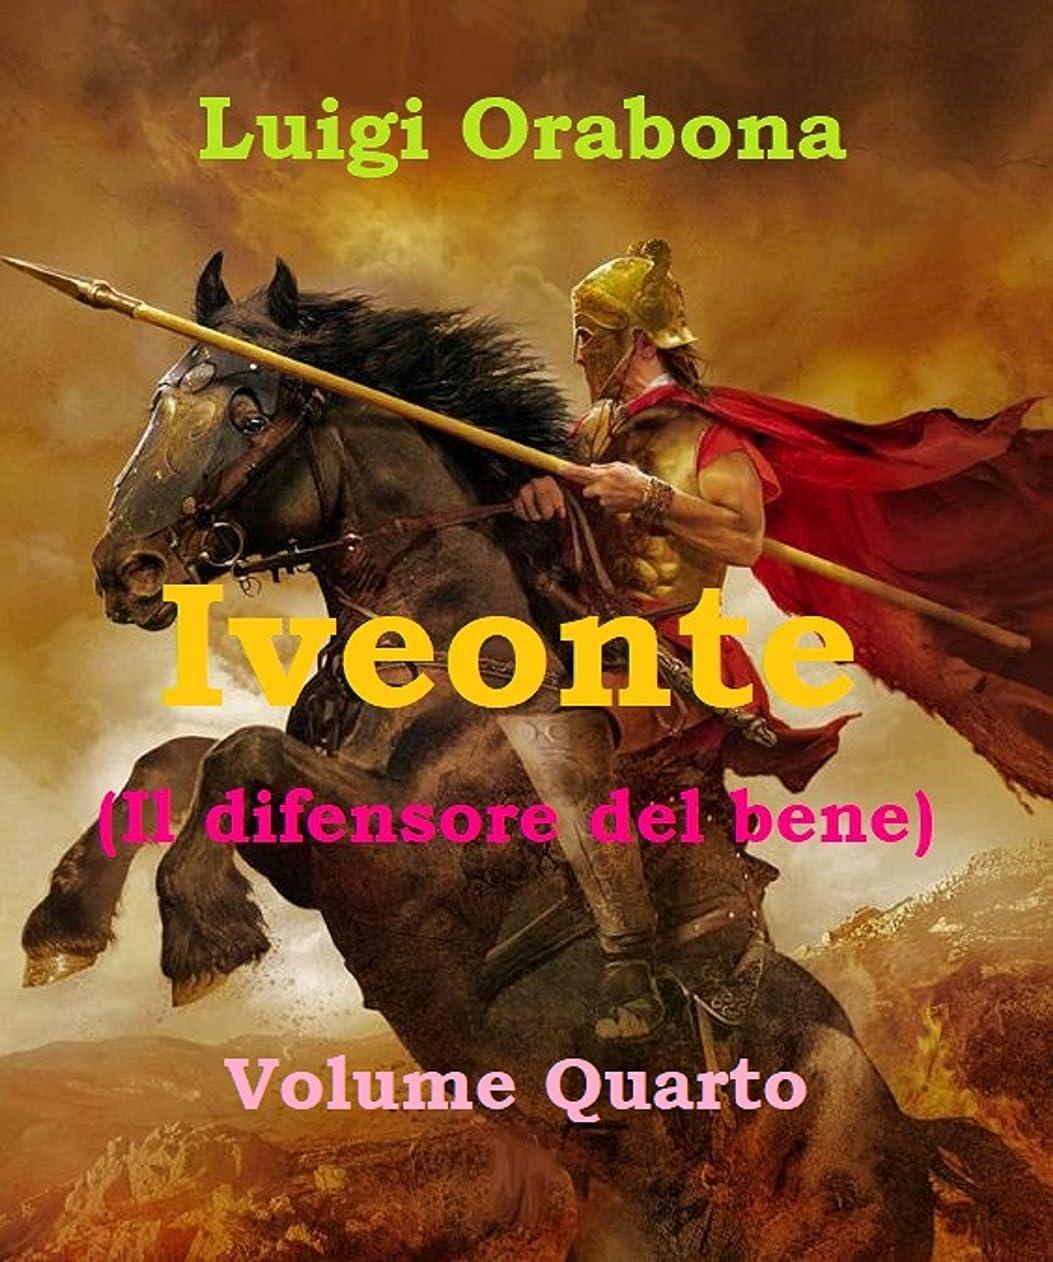 バンガロースカウト転倒Iveonte (Il difensore del bene): Volume Quarto (saga Iveonte Vol. 4) (Italian Edition)